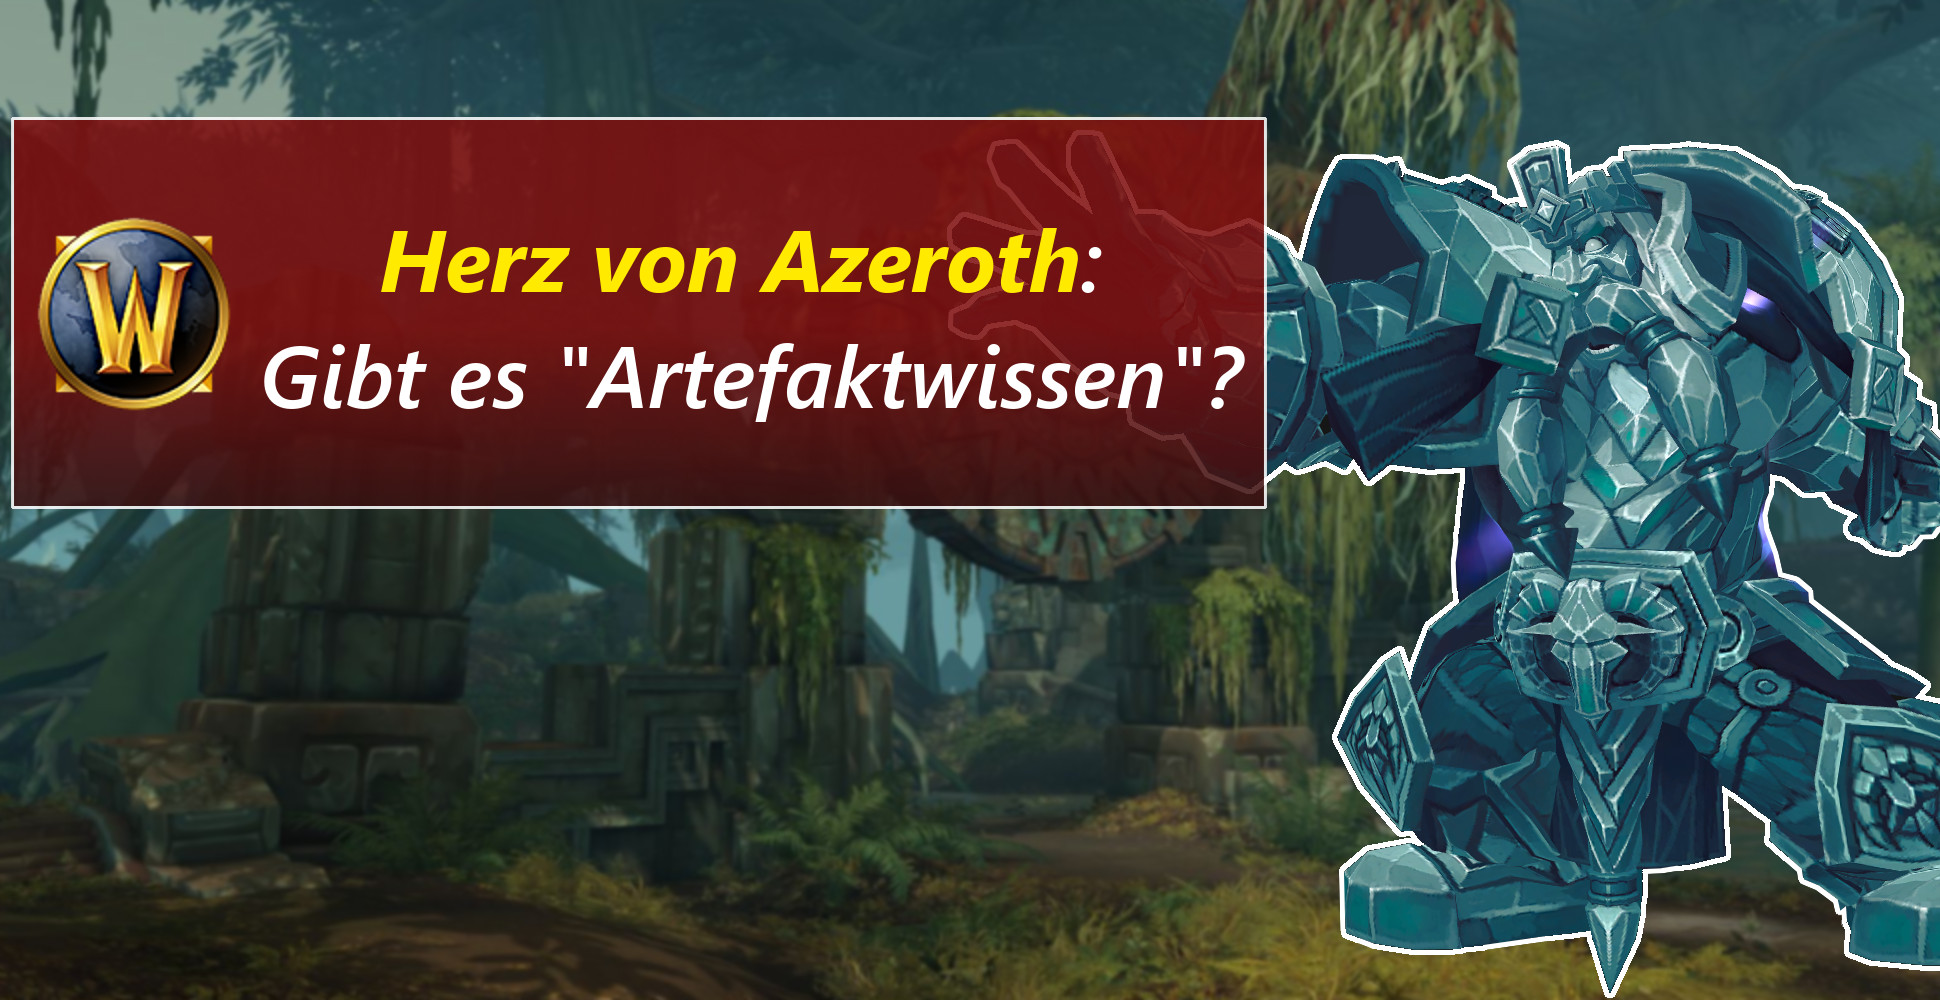 """WoW: Gibt es """"Artefaktwissen"""" beim Herz von Azeroth? So soll's ablaufen!"""